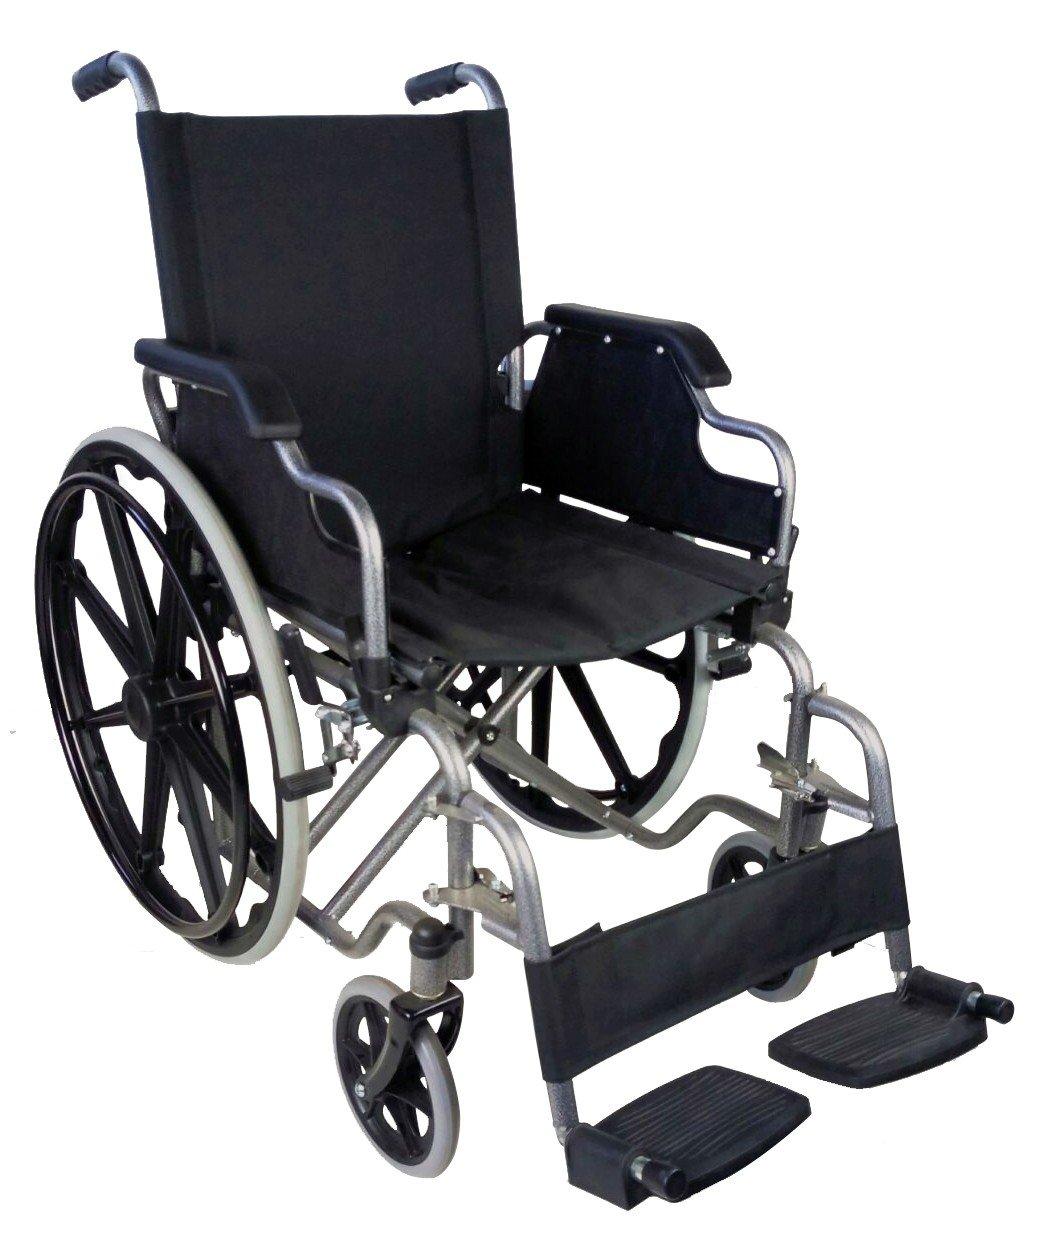 silla de ruedas traductor